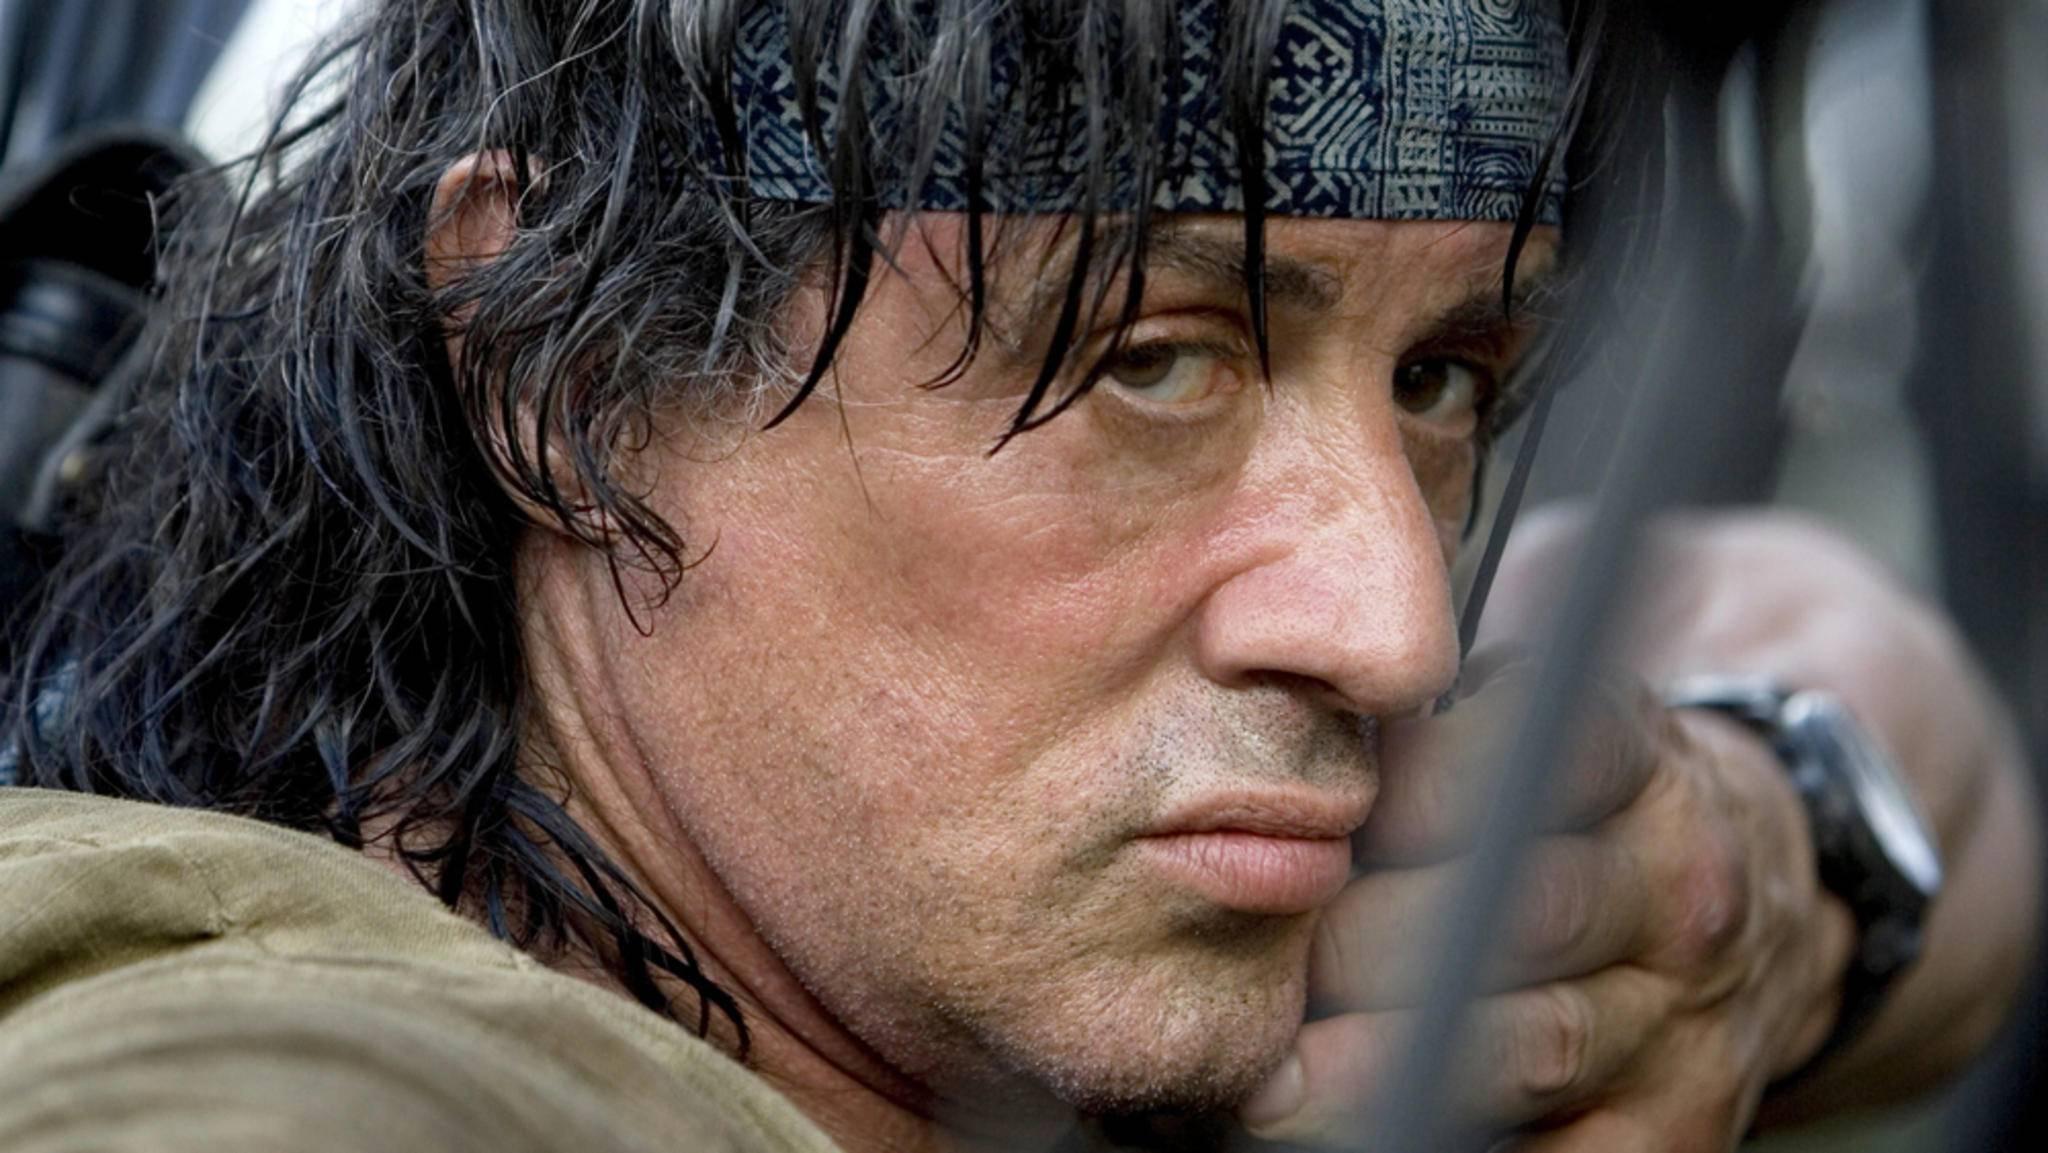 Zehn Jahre nach seinem letzten Abenteuer nimmt John Rambo seine nächsten Gegner ins Visier.